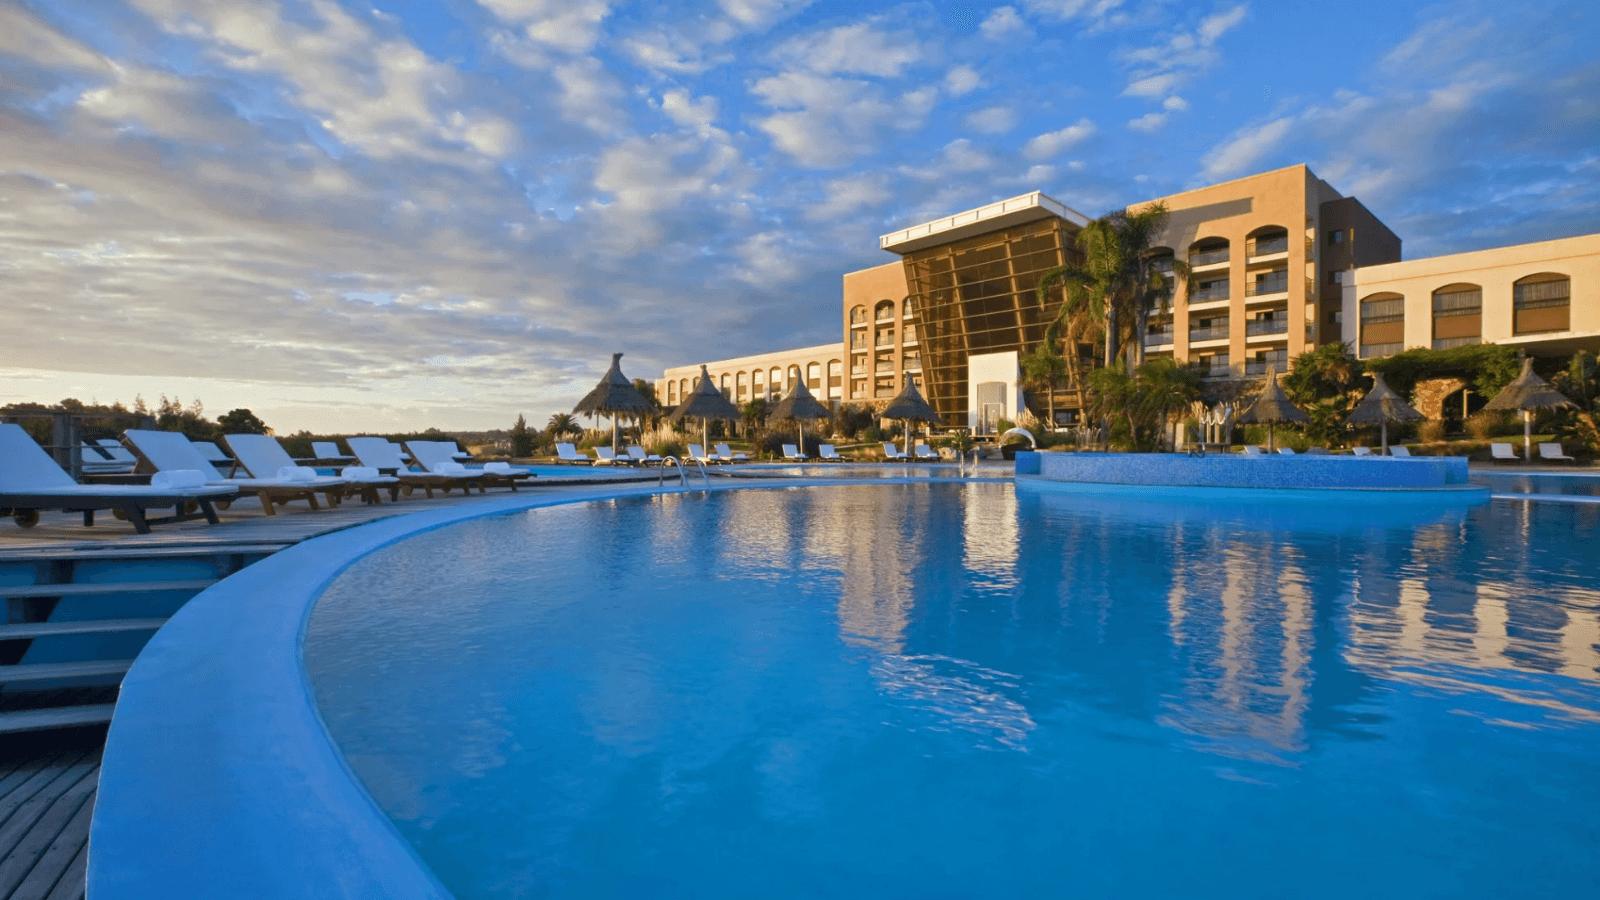 Uruguay anuncia protocolo para hoteles y determina que en las piscinas se deberá mantener una distancia mínima de 5 metros 1